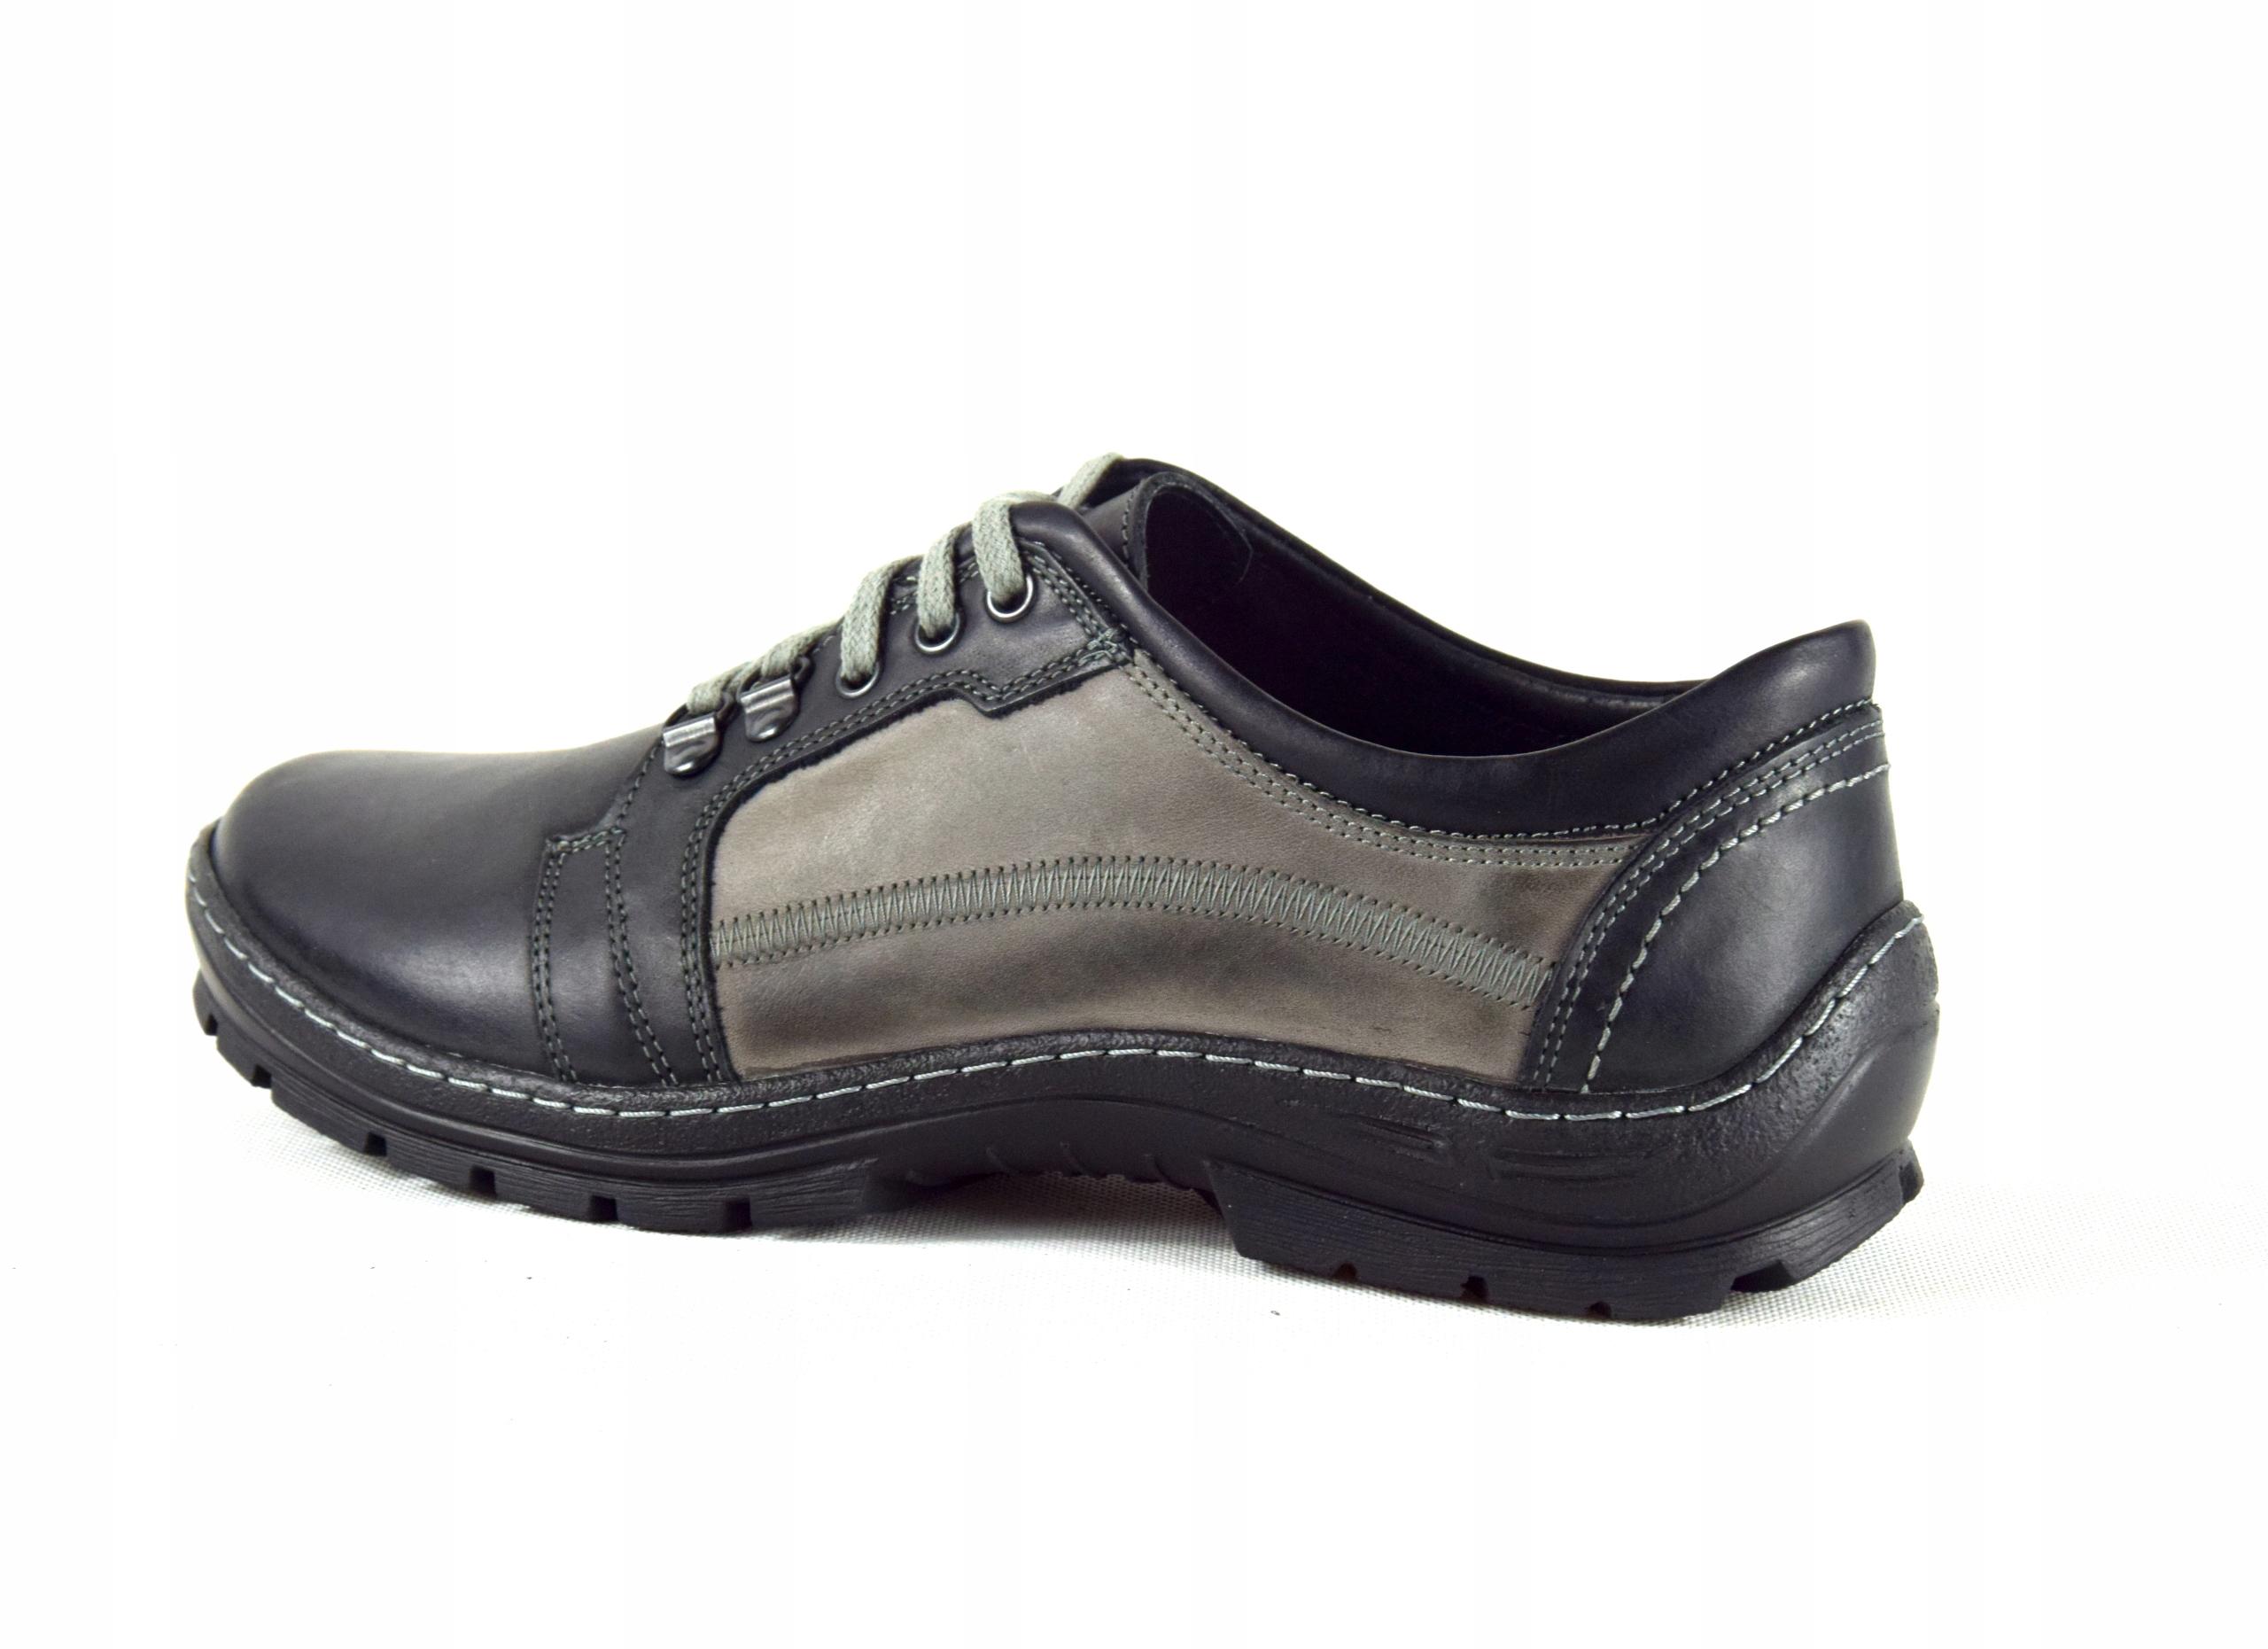 Półbuty trekkingowe męskie buty skórzane PL 192 Kolor czarny szary